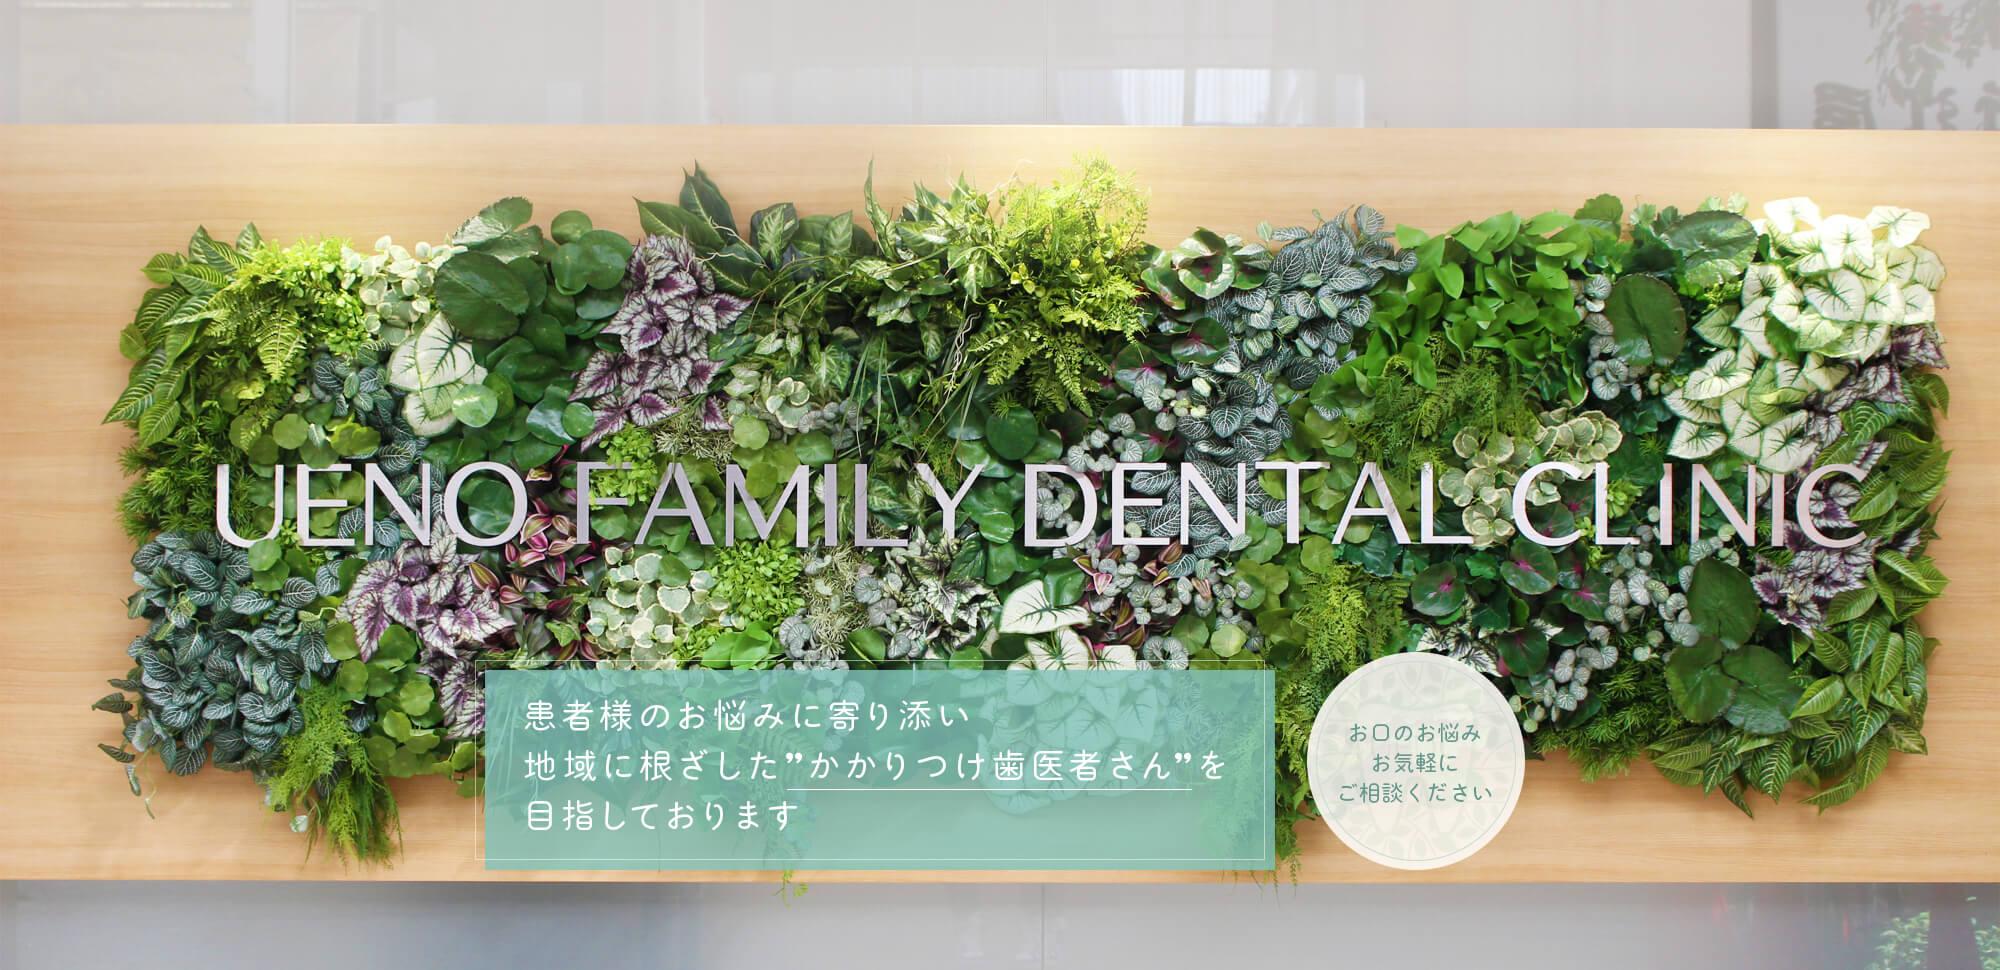 """患者様のお悩みに寄り添い地域に根ざした""""かかりつけ歯医者さん""""を目指しております"""